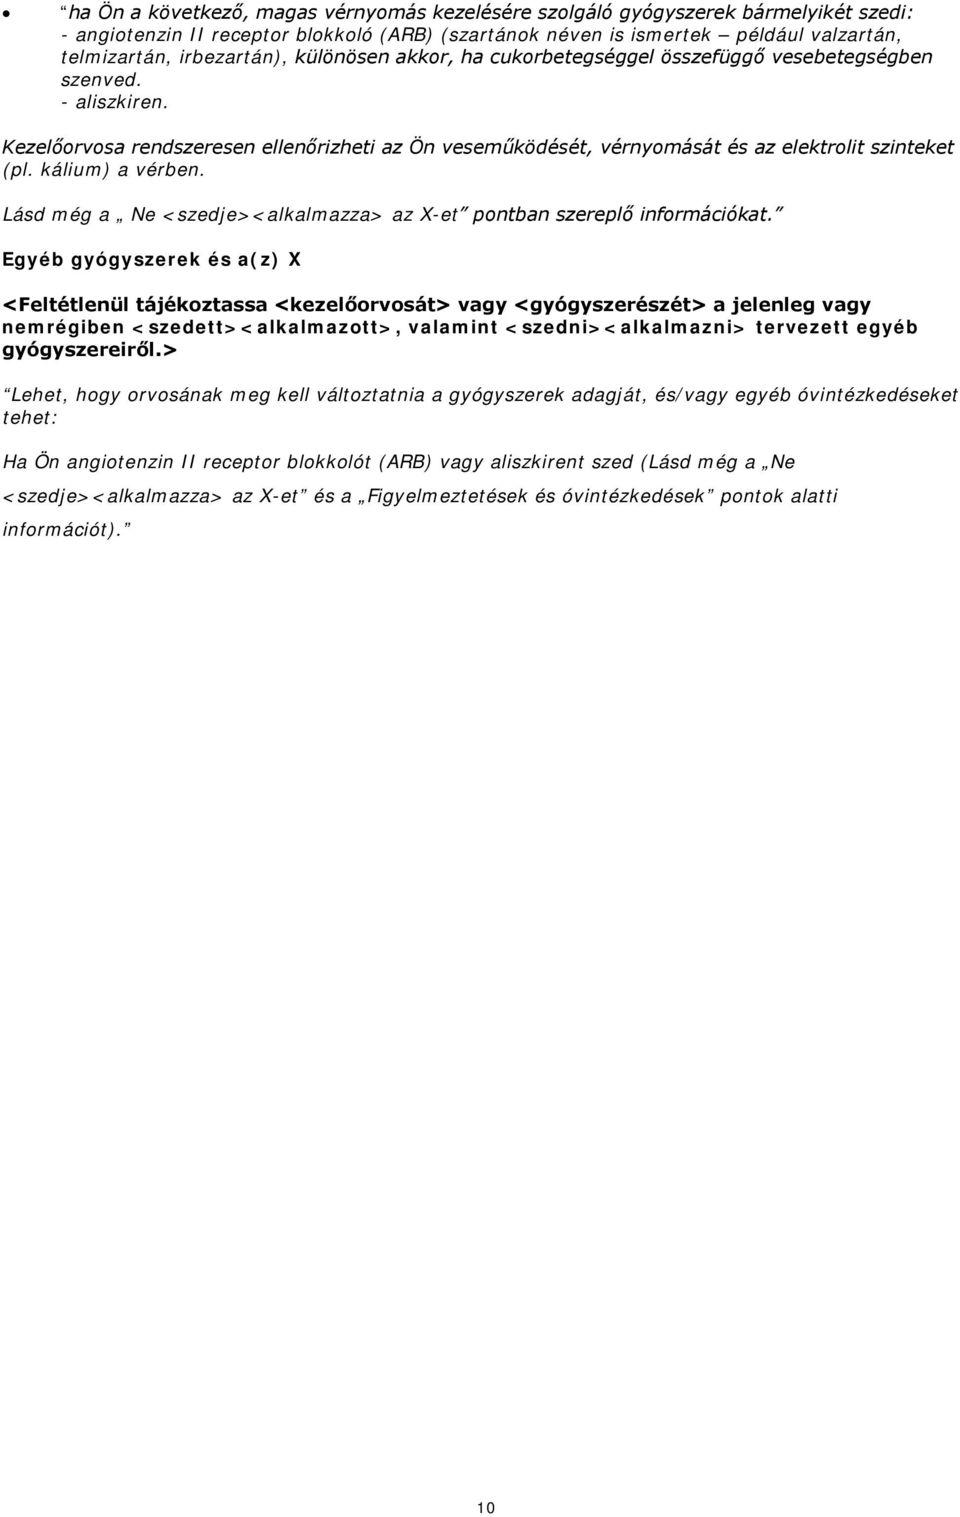 Sartánok: akció, használat, gyógyszerek listája, indikációk és ellenjavallatok - Anatómia November